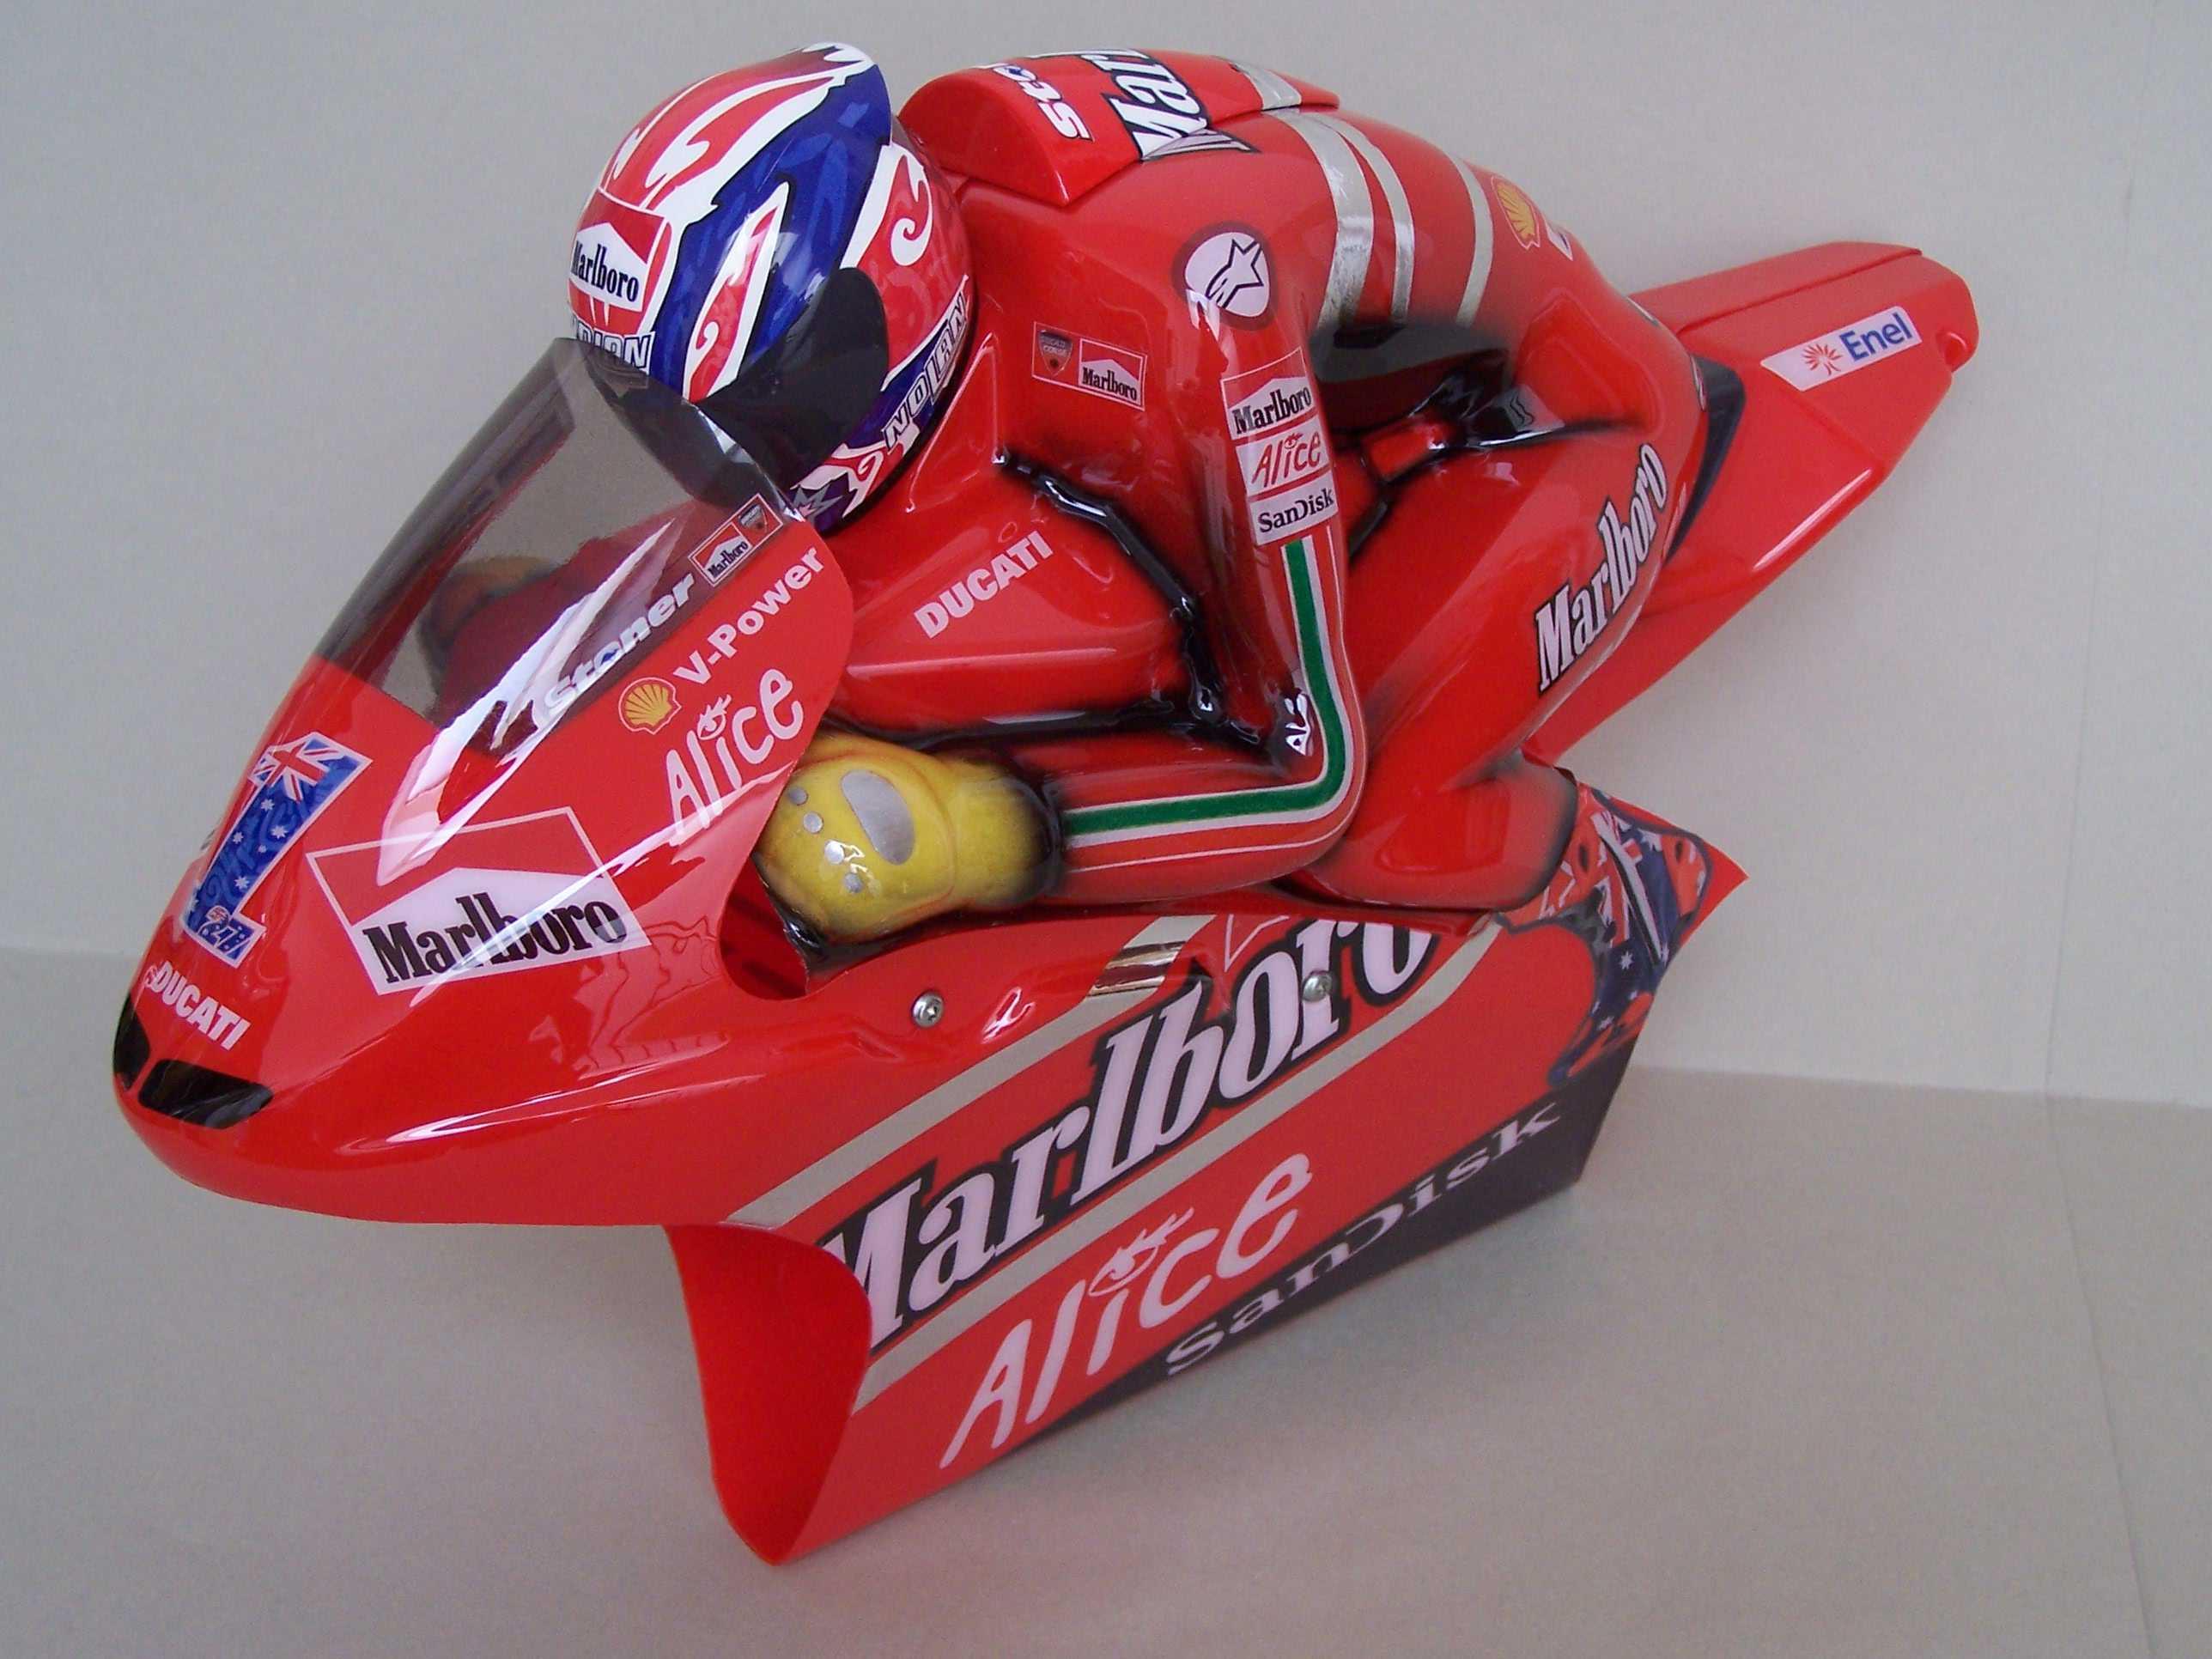 [Marlboro-Ducati-Stoner-2008-16.jpg]